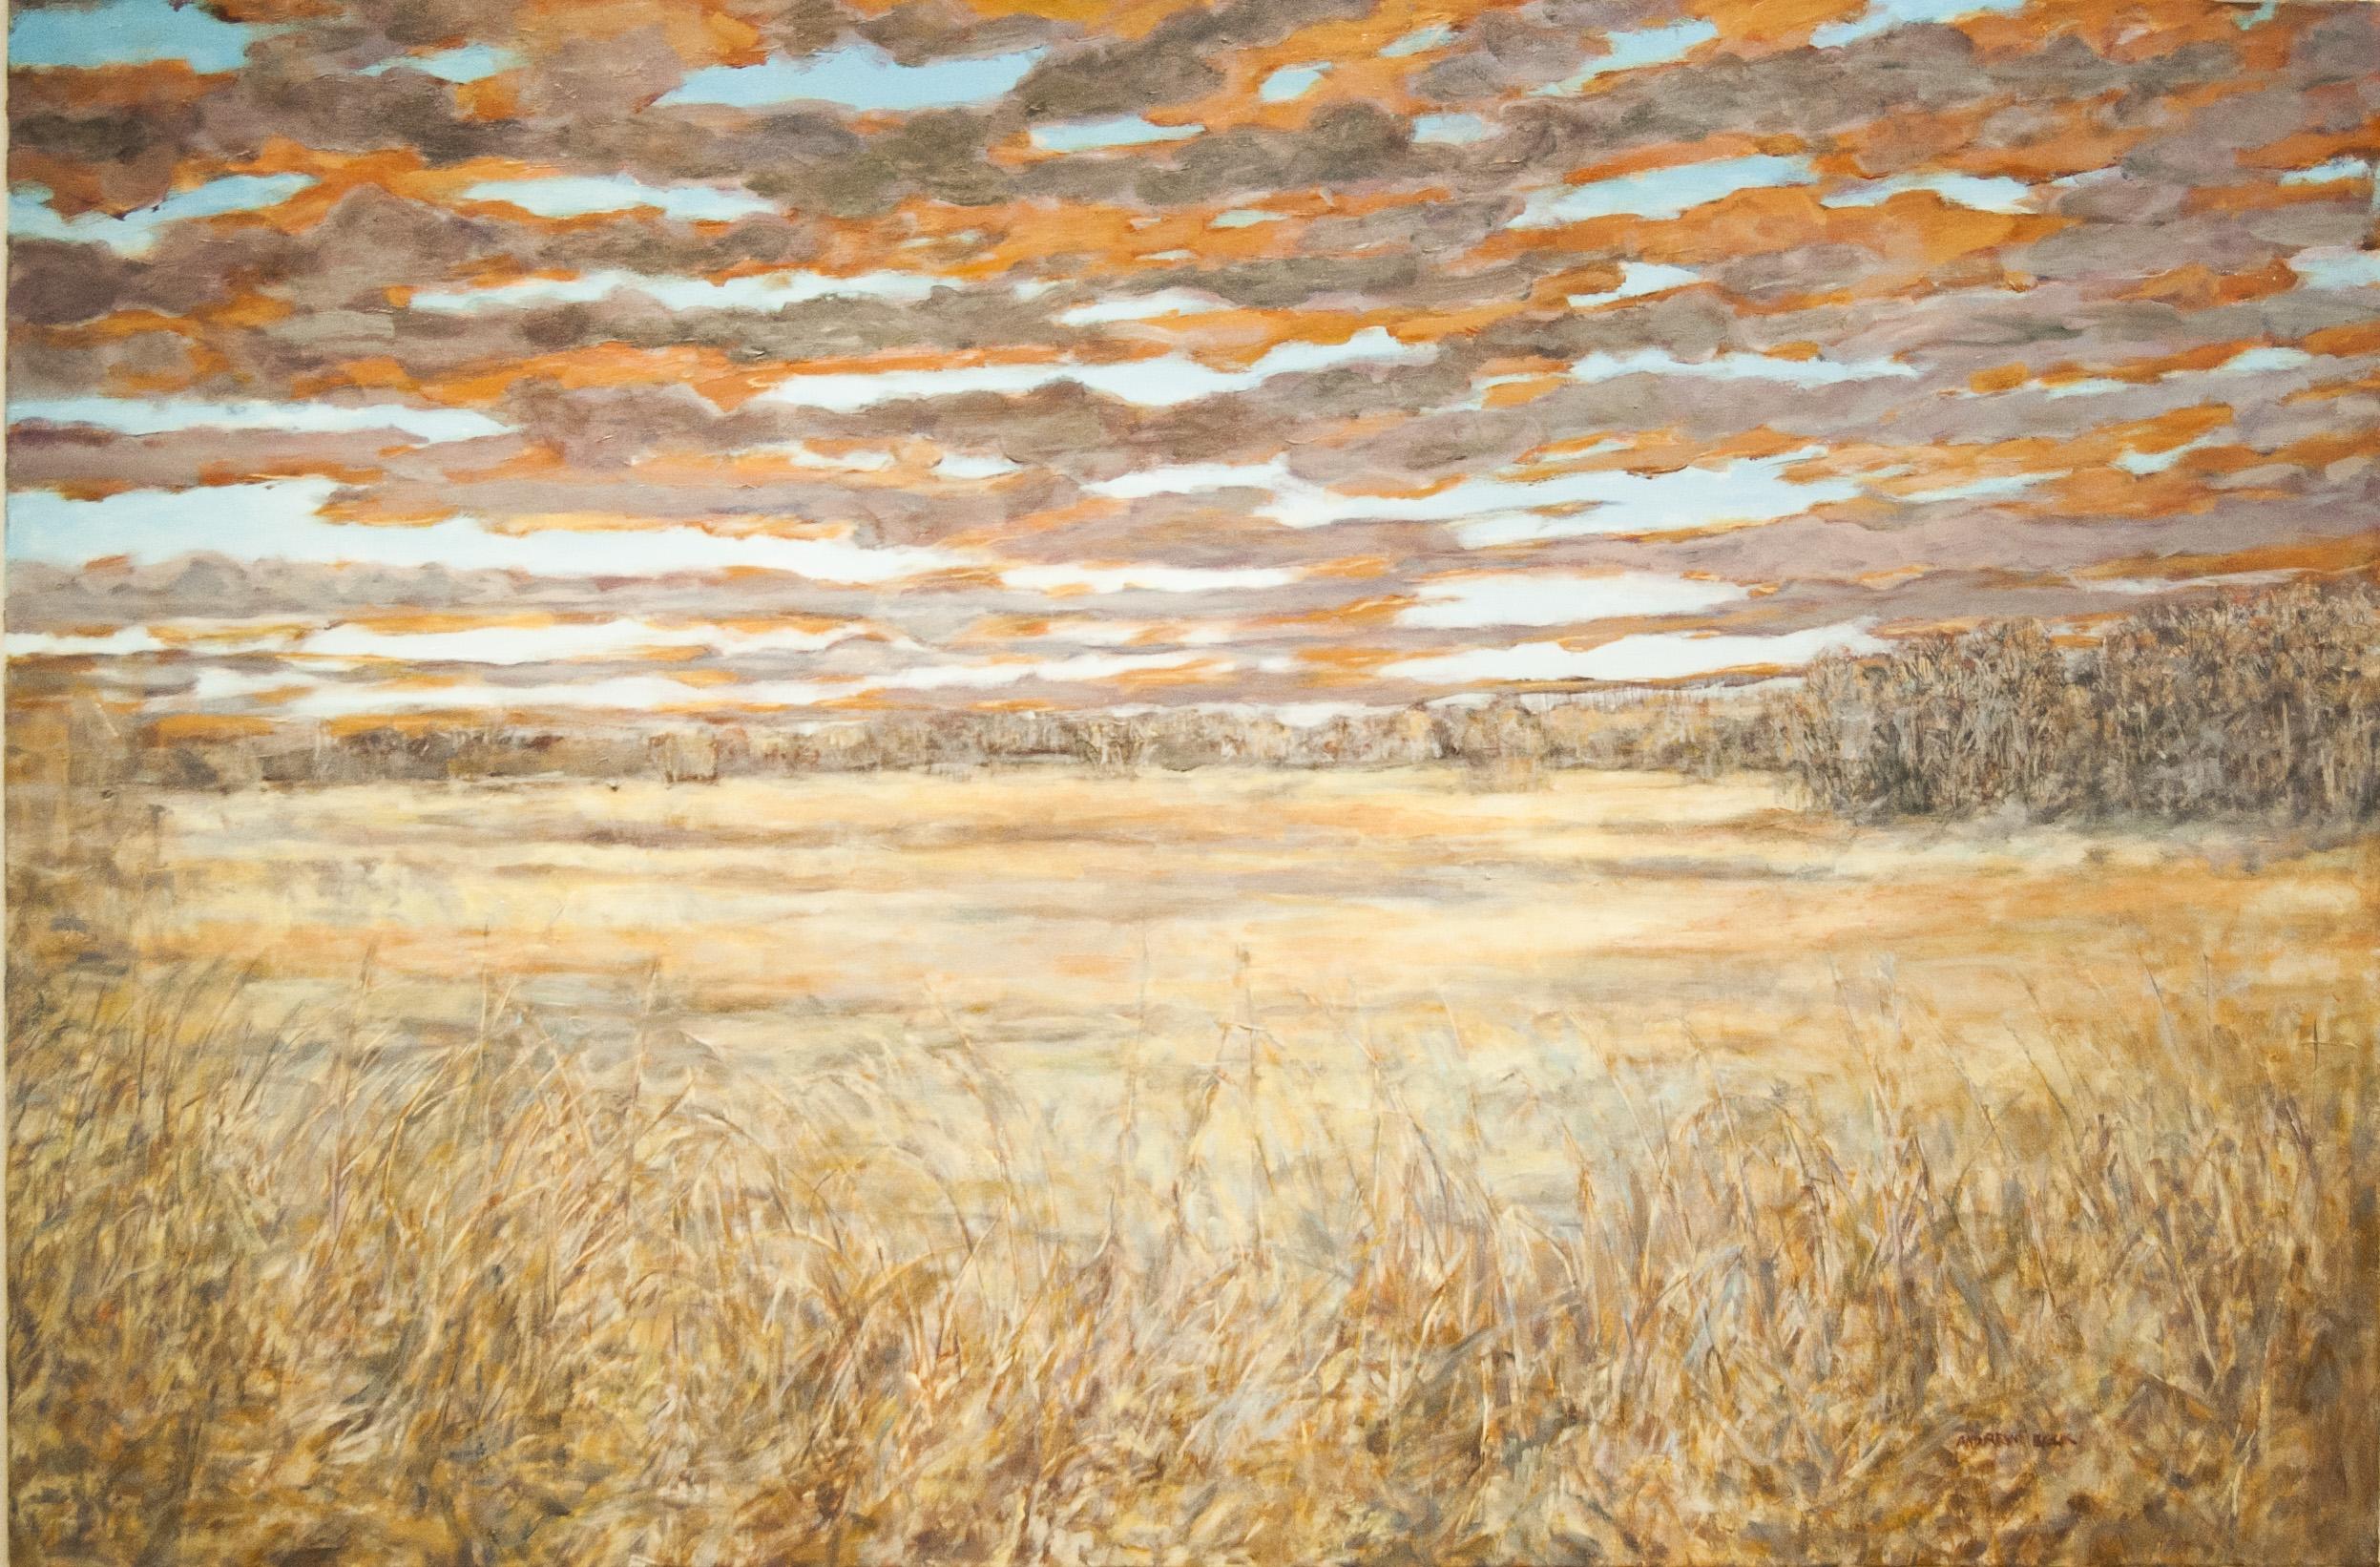 AB-016, Pairie Sky, Acrylic on Canvas, 60 x 40.jpg